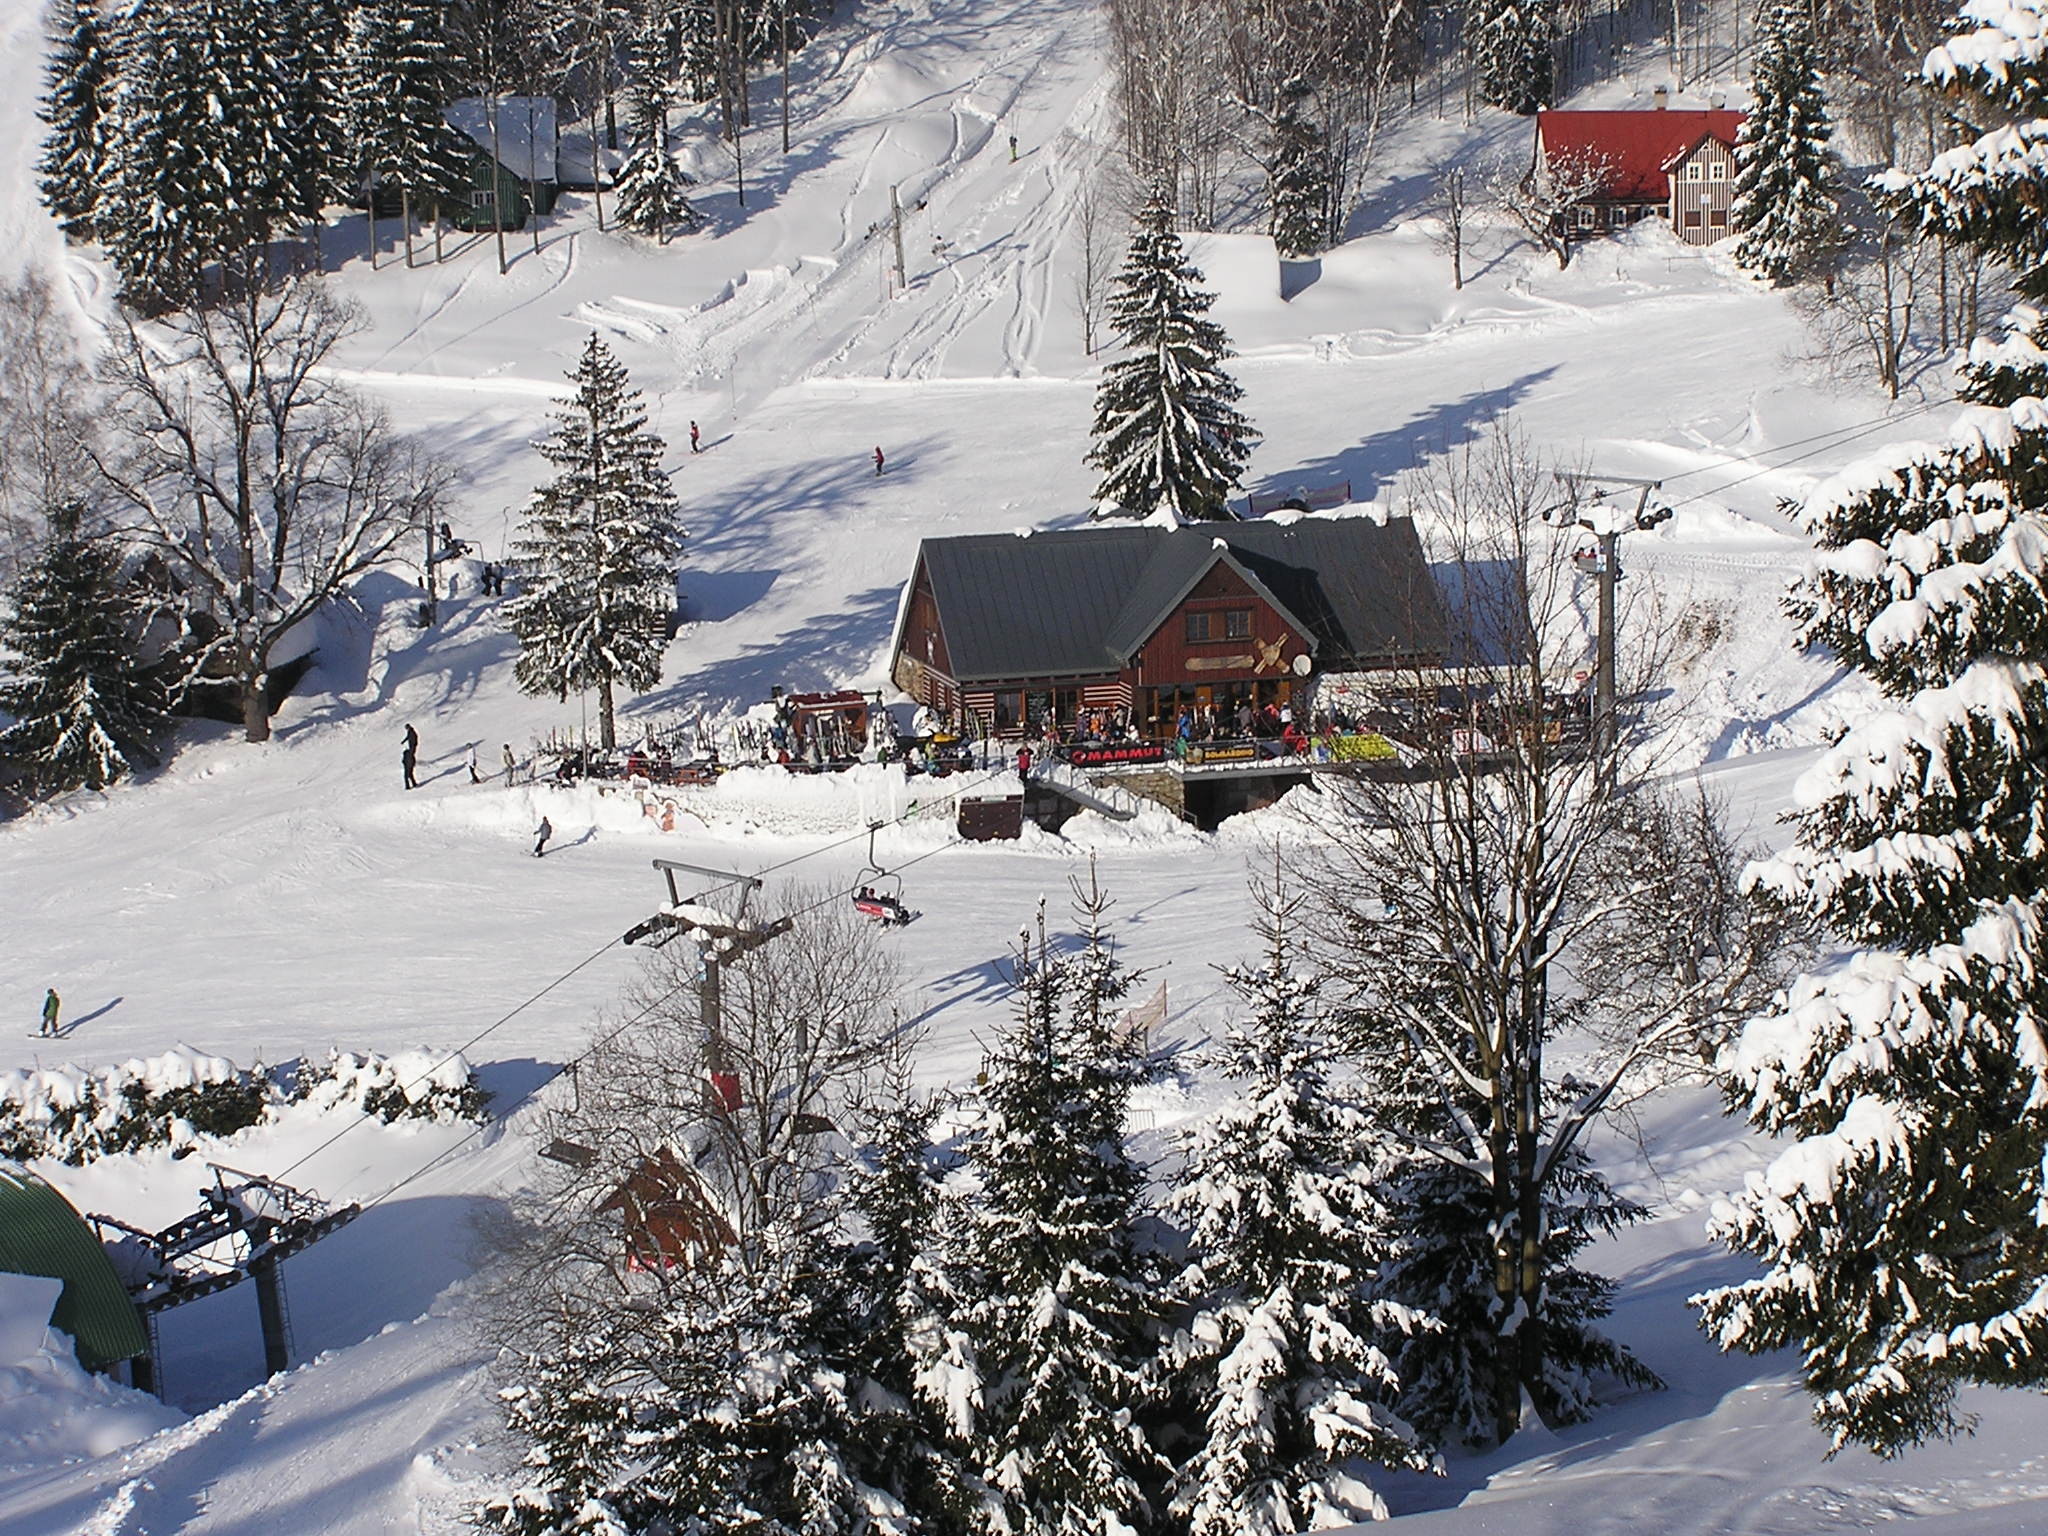 zima2012_061.jpg